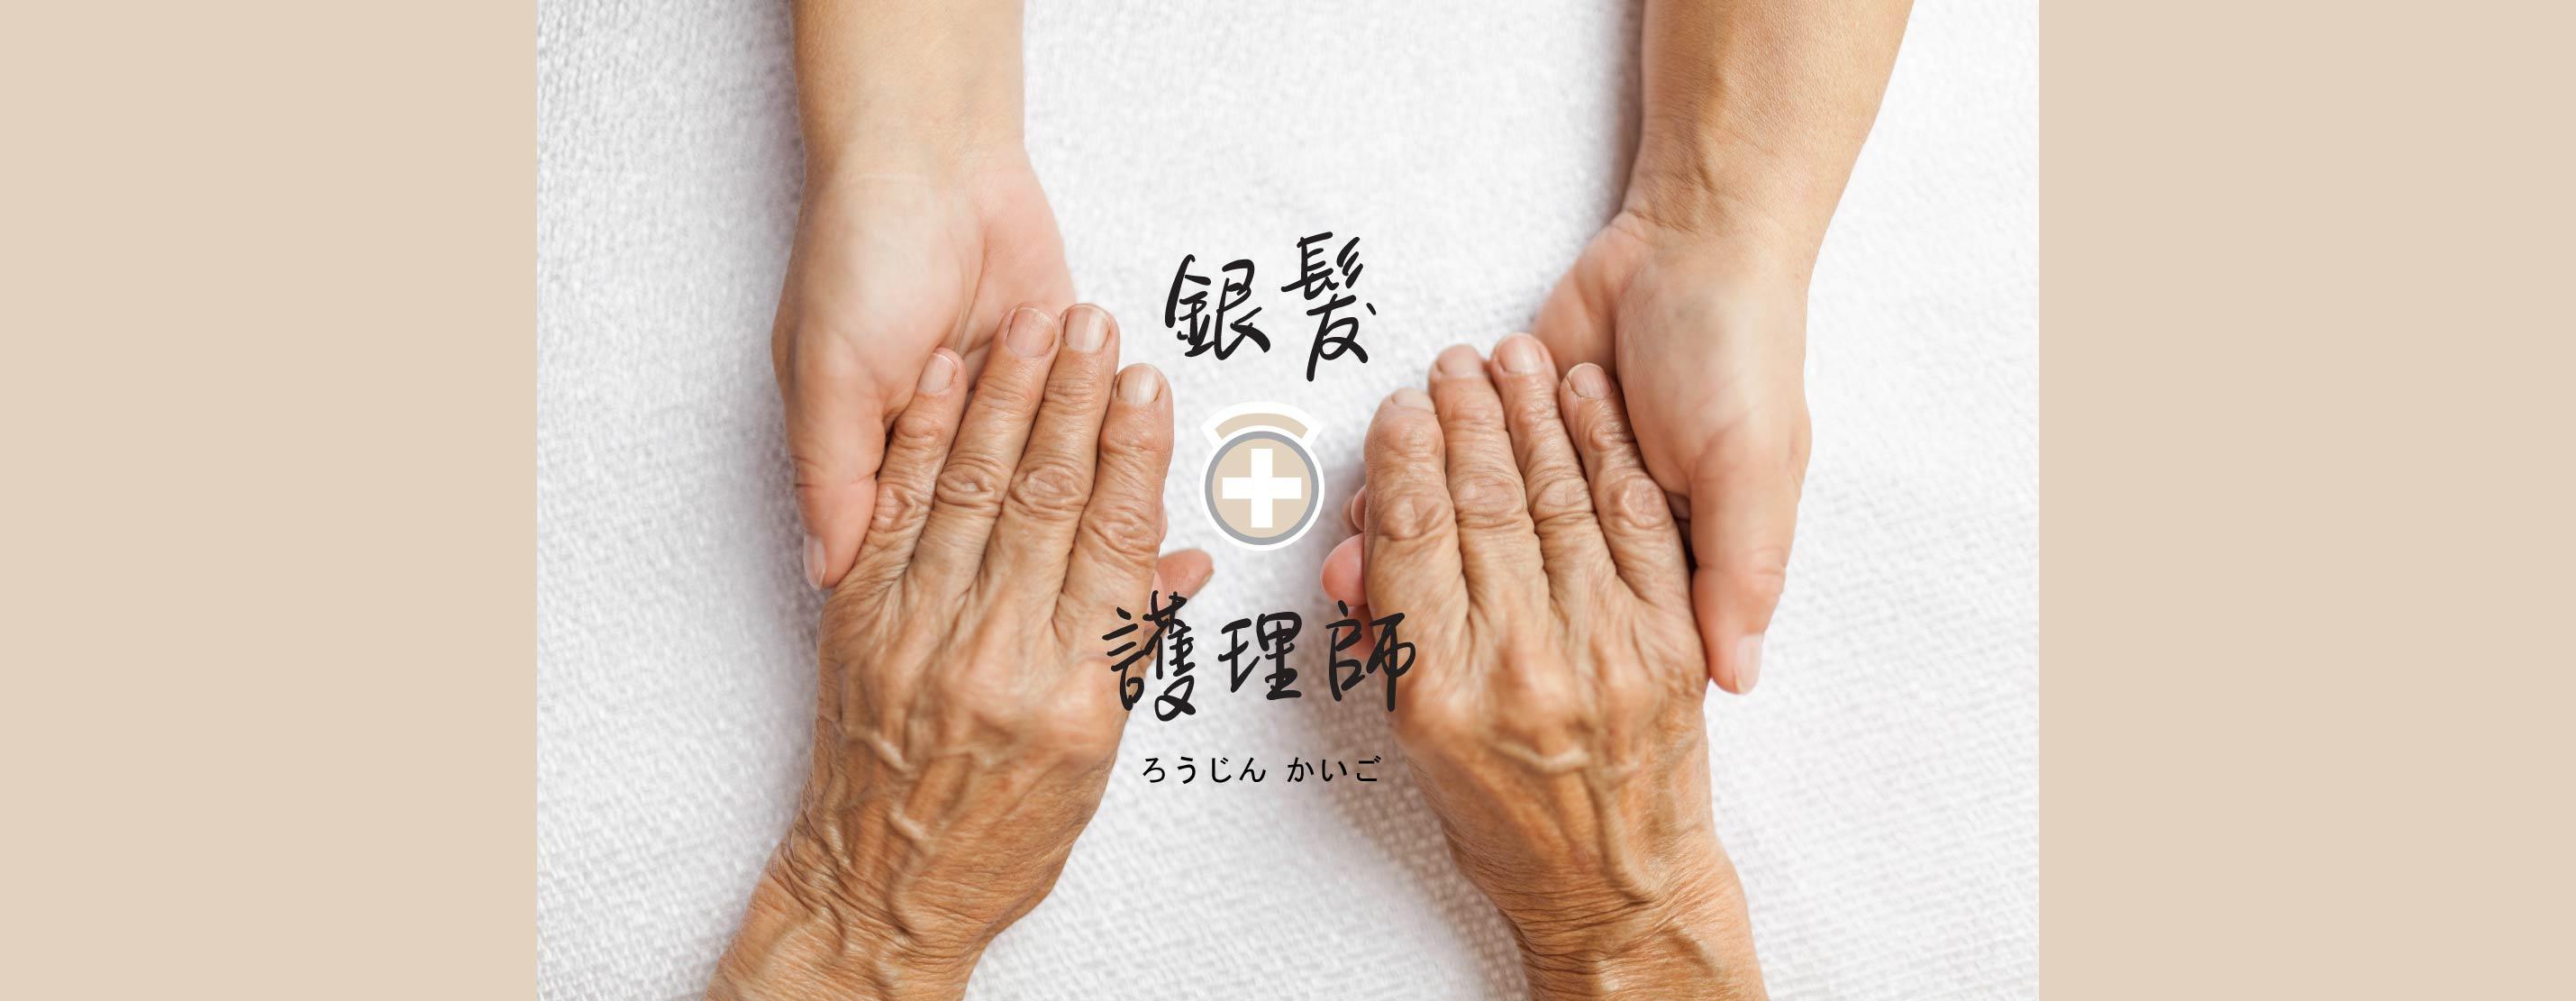 銀髮護理師 7 預防跌倒 (上)